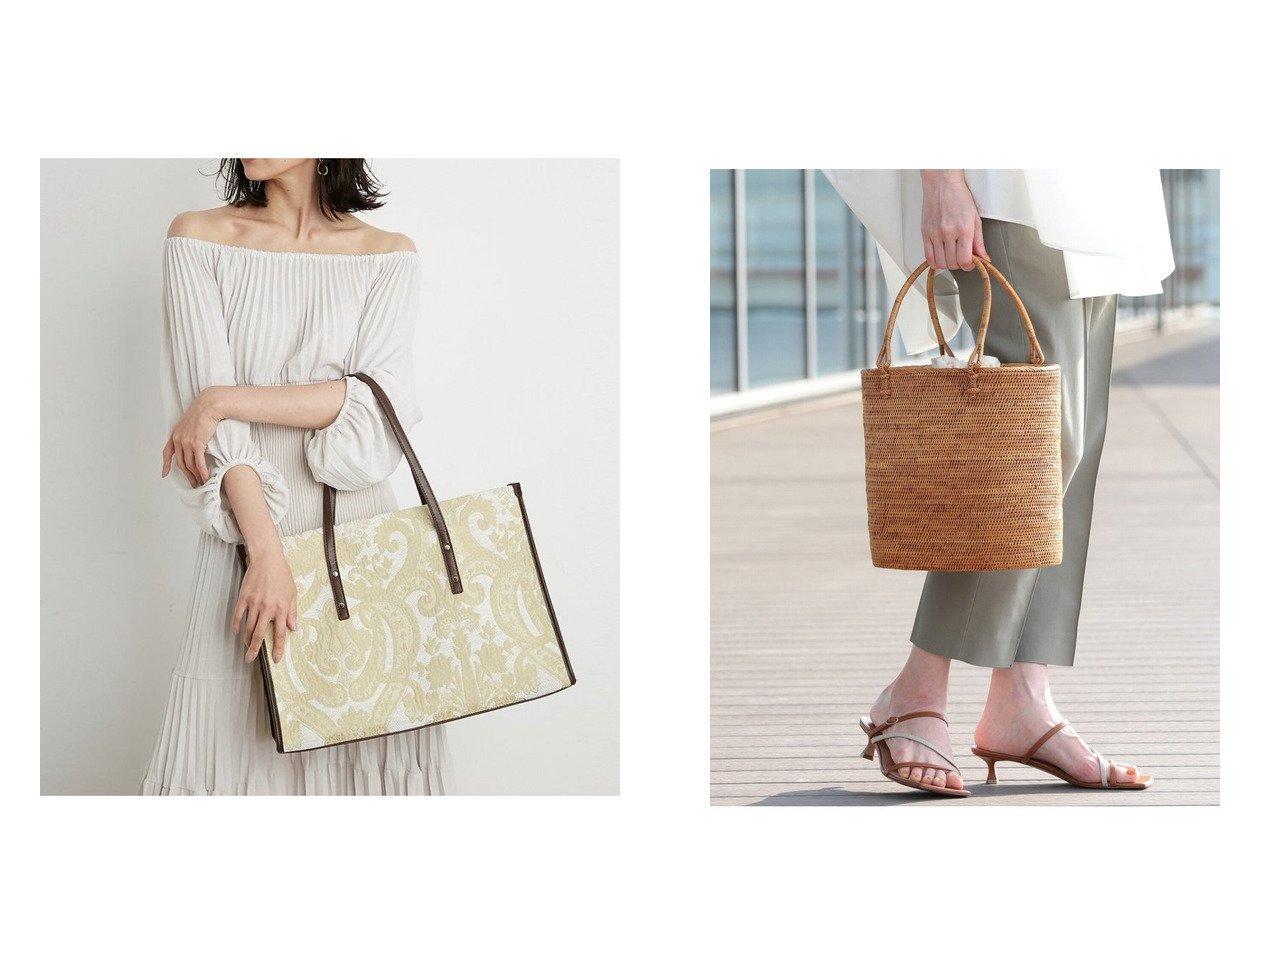 【SNIDEL/スナイデル】のジャガードトート&【Demi-Luxe BEAMS/デミルクス ビームス】のDemi- バーティカル アタ カゴバッグ 【バッグ・鞄】おすすめ!人気、トレンド・レディースファッションの通販 おすすめで人気の流行・トレンド、ファッションの通販商品 インテリア・家具・メンズファッション・キッズファッション・レディースファッション・服の通販 founy(ファニー) https://founy.com/ ファッション Fashion レディースファッション WOMEN バッグ Bag NEW・新作・新着・新入荷 New Arrivals スタイリッシュ ハンド 巾着 シンプル トレンド ヴィンテージ |ID:crp329100000043327